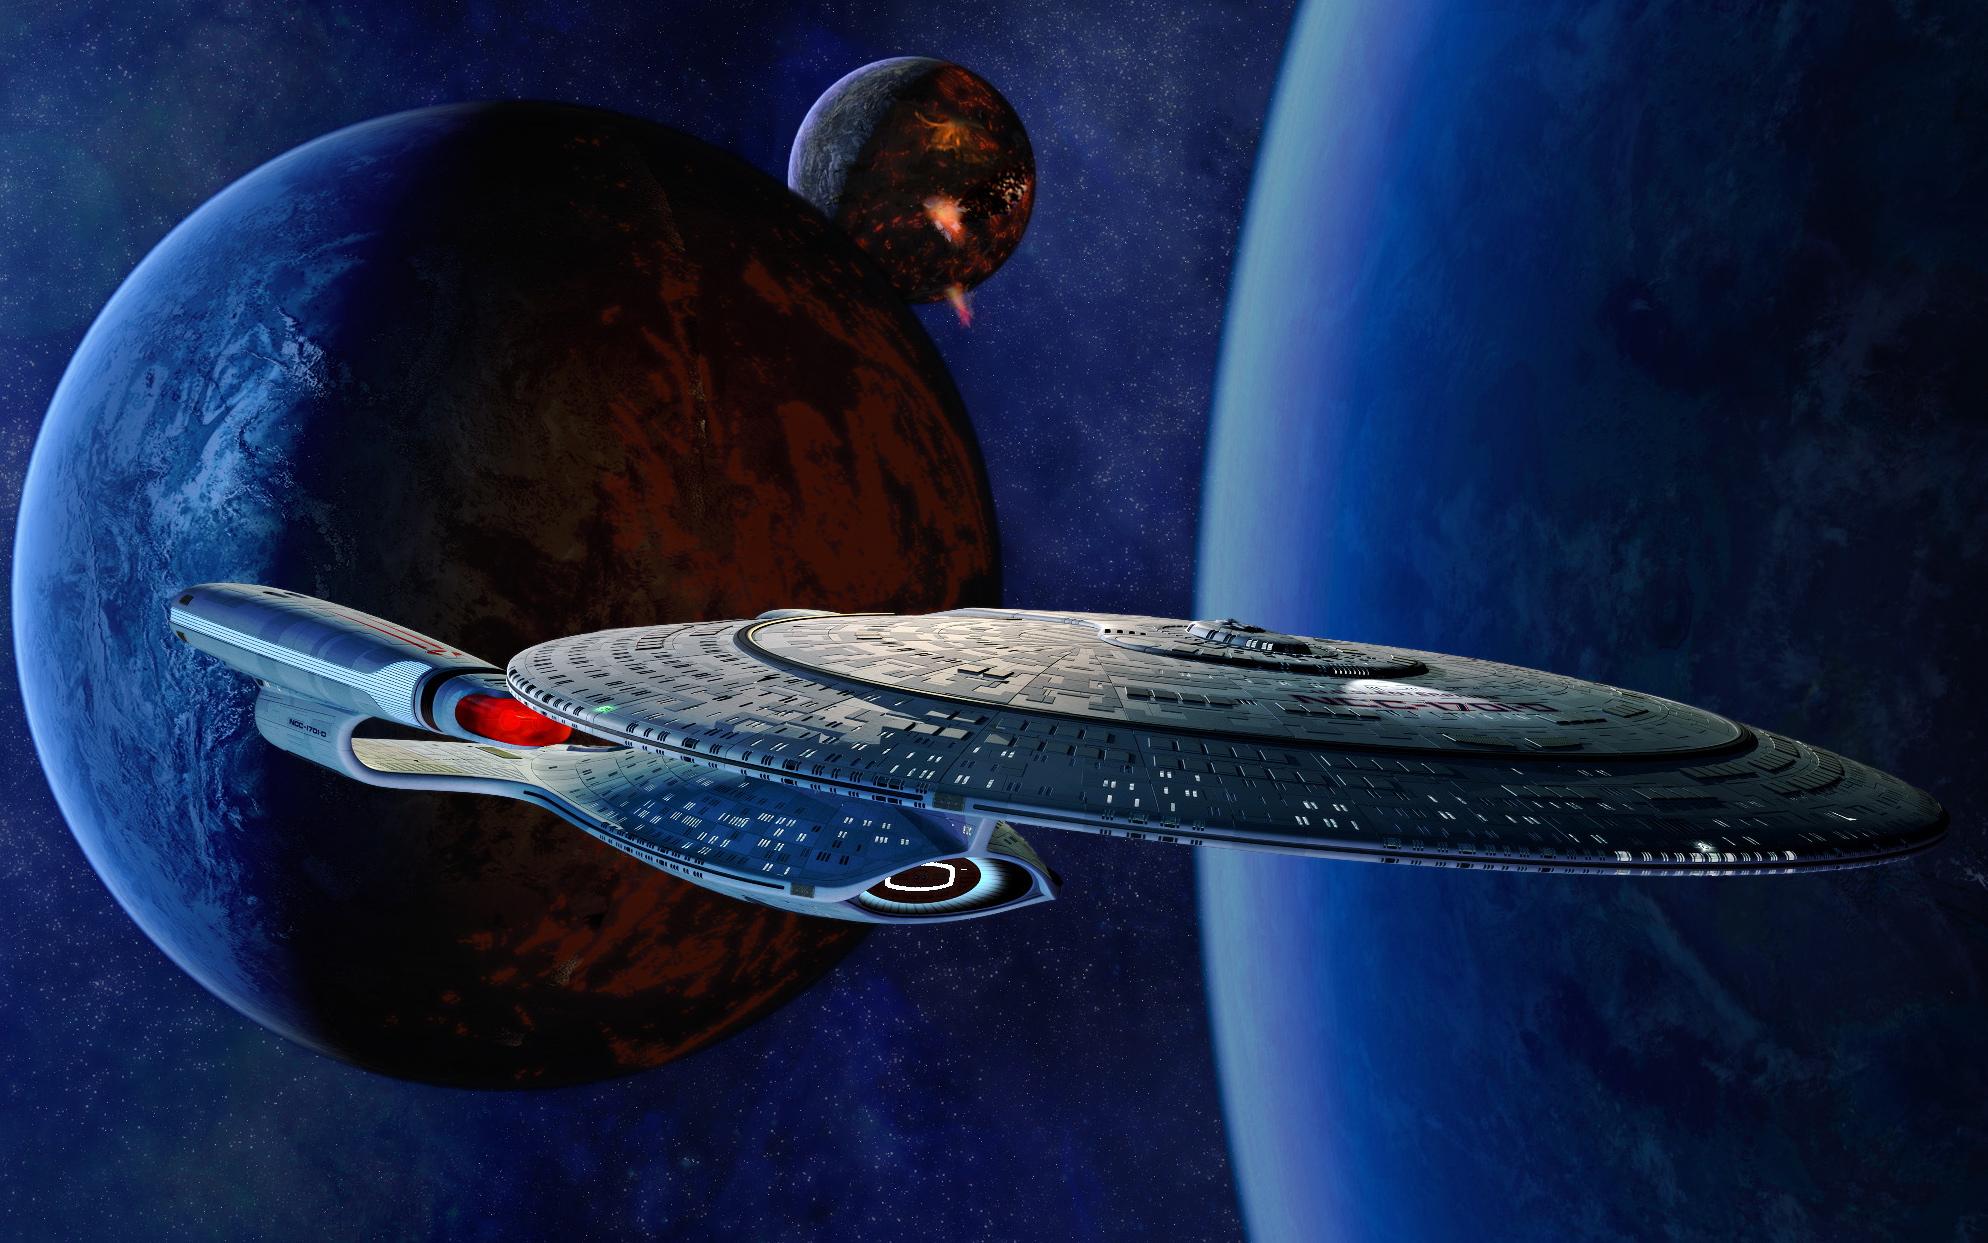 Series De Televisión - Star Trek: La Nueva Generación  Ciencia Ficción Películas Viaje A Las Estrellas Enterprise (Star Trek) Barco Planeta Estrellas Oscuro Espacio Fondo de Pantalla